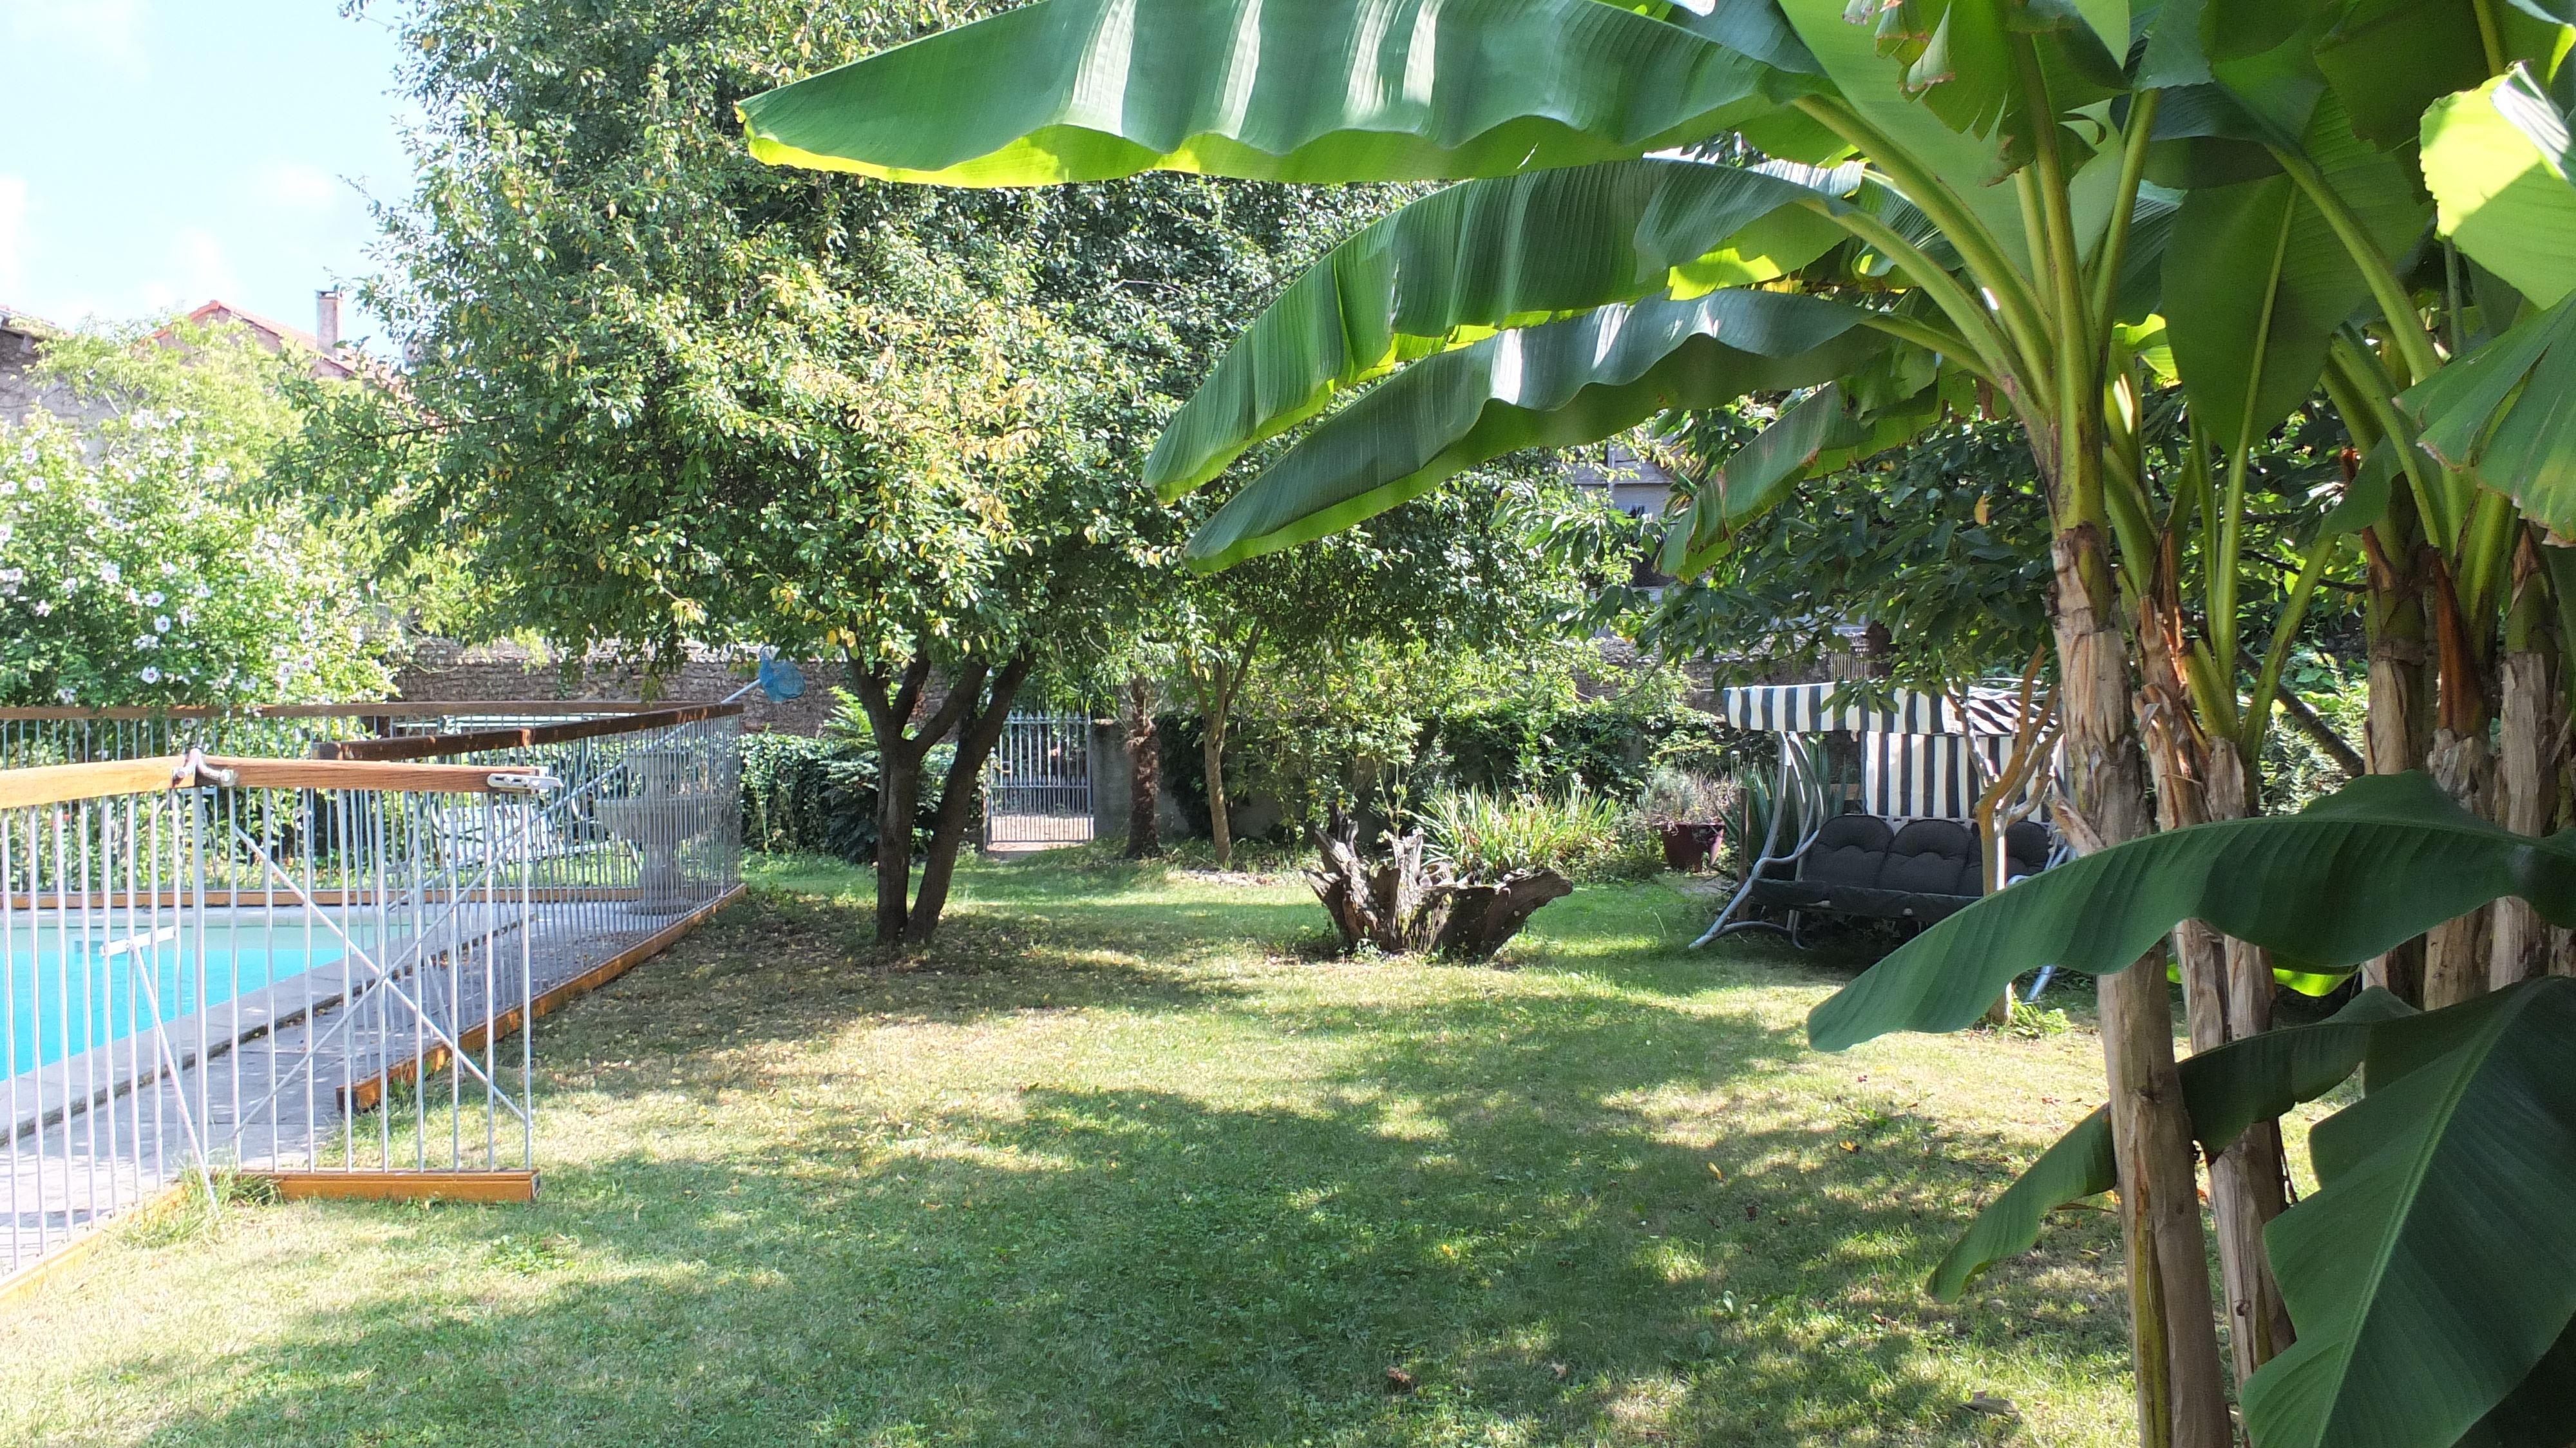 VAMCH003 - Chambre d'hôtes de charme avec piscine à Maubourguet